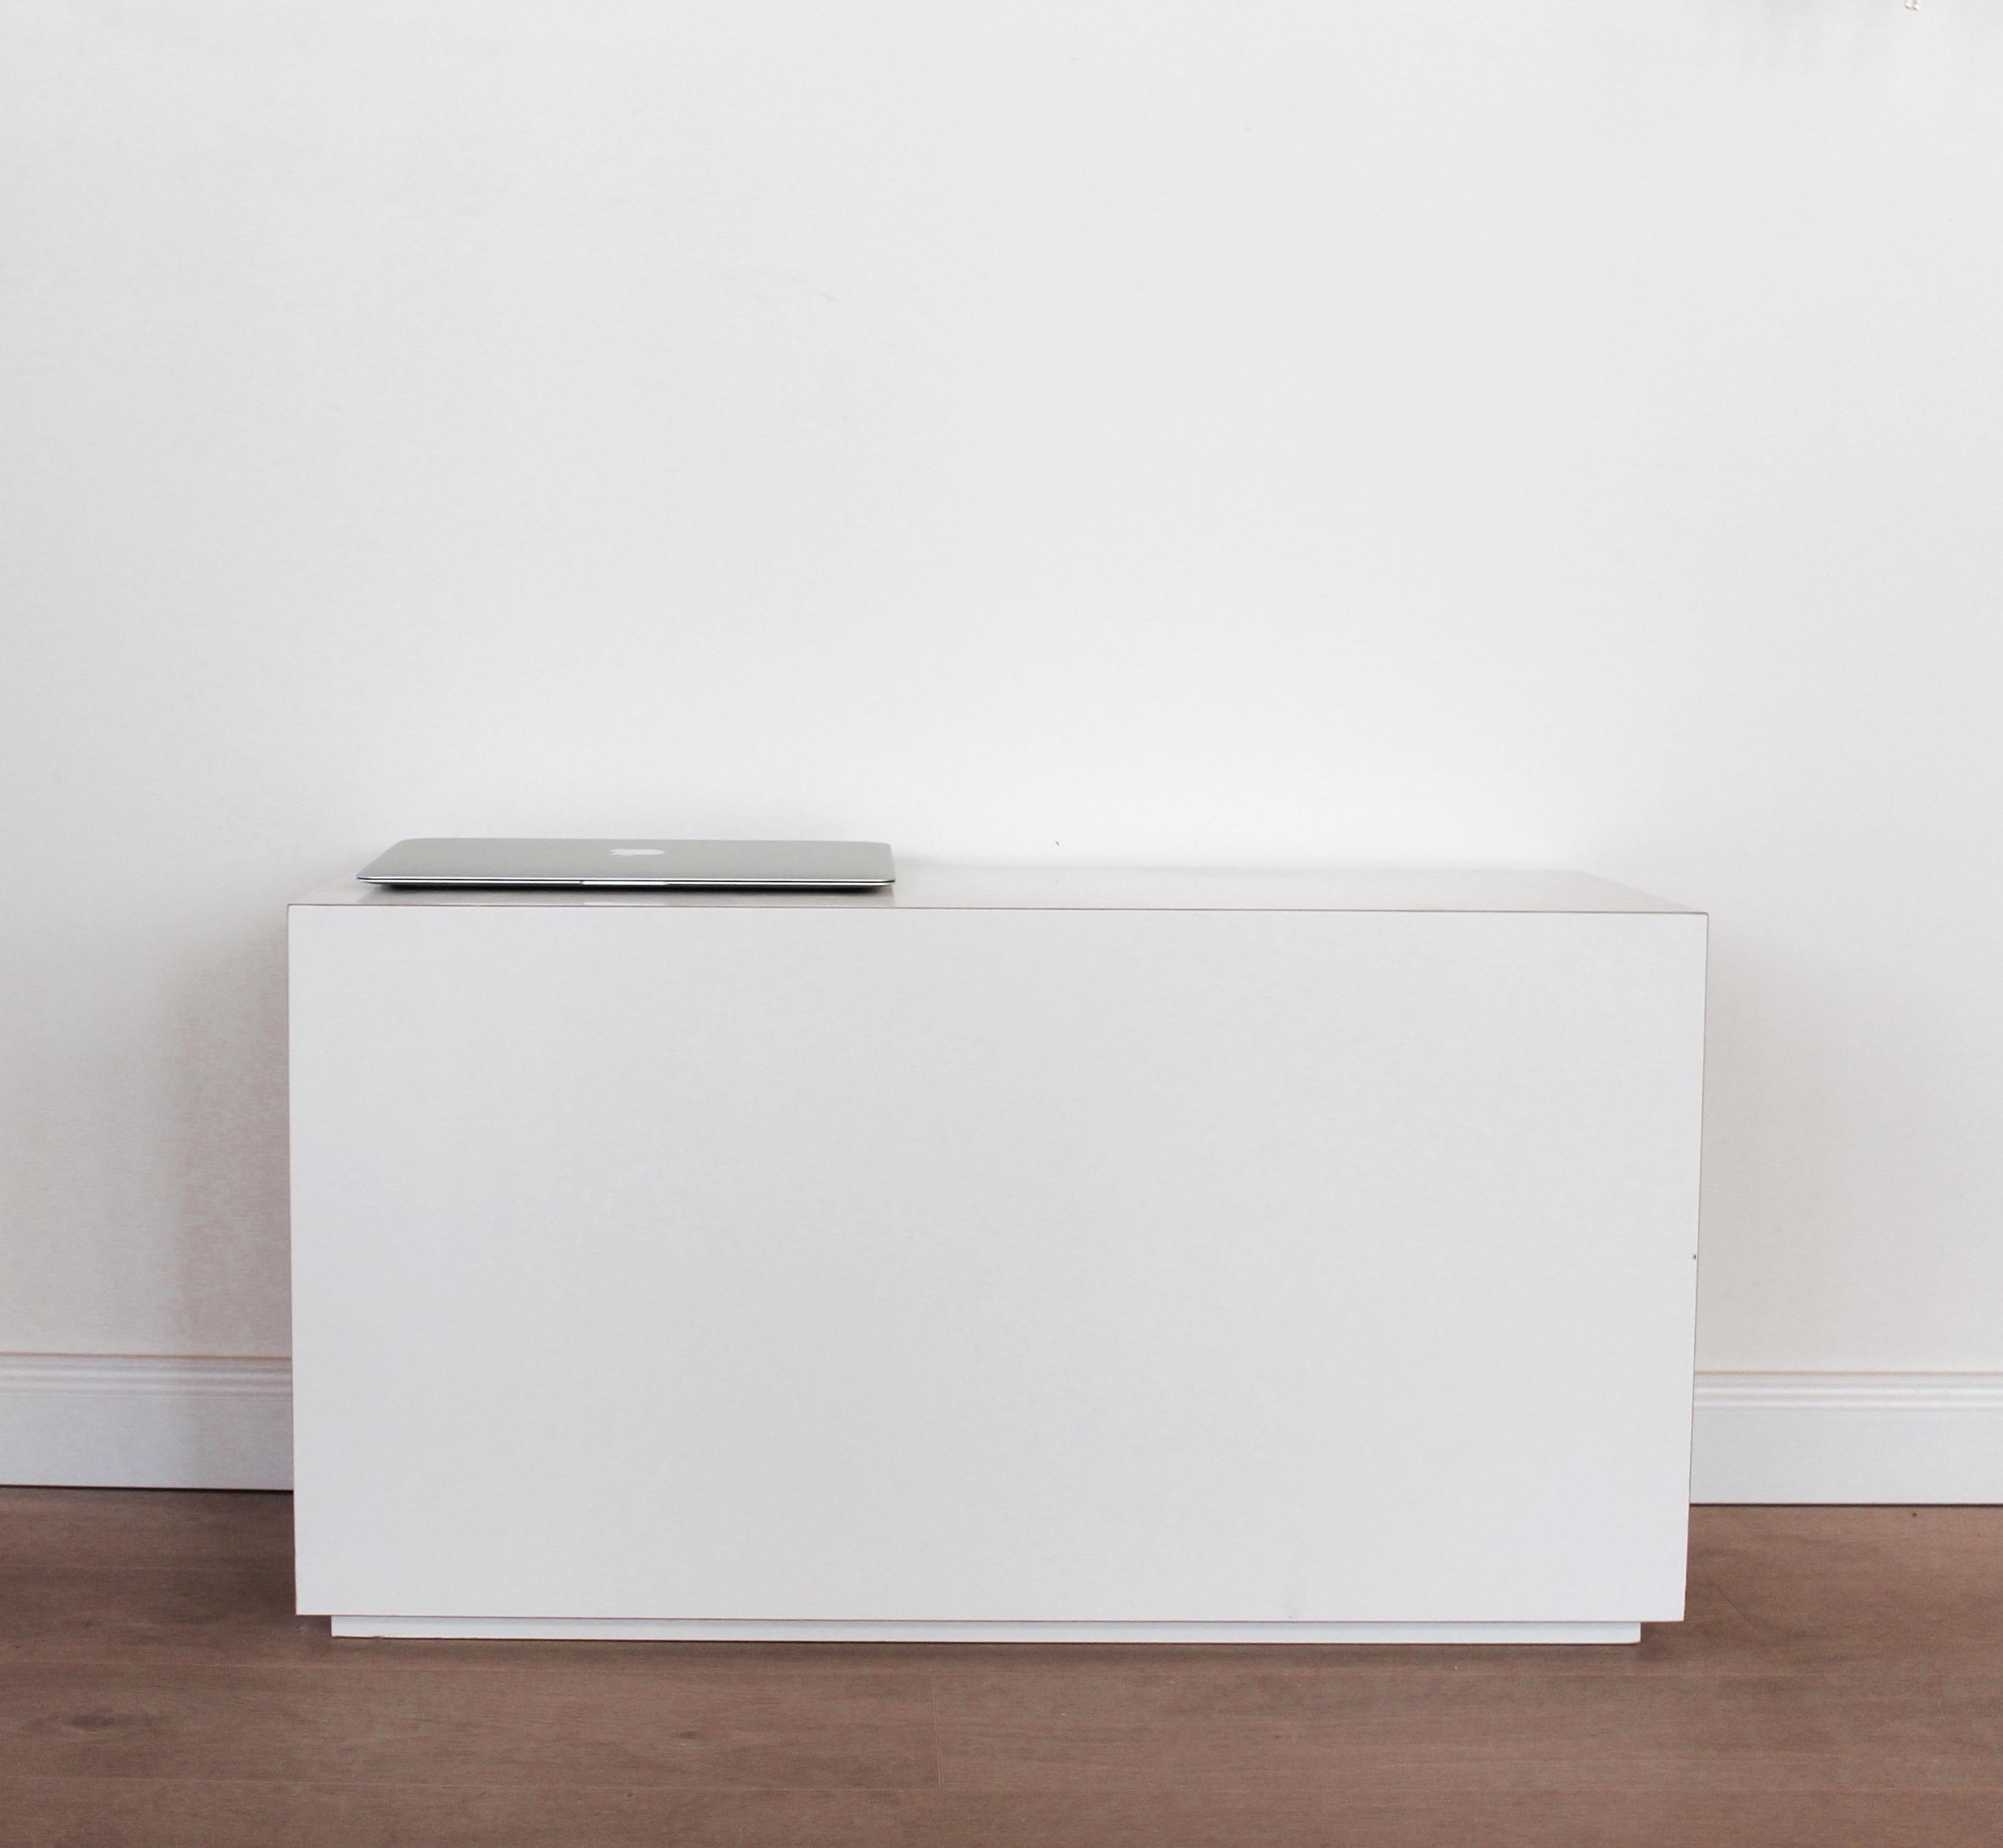 mortimer 98 andreas janson. Black Bedroom Furniture Sets. Home Design Ideas